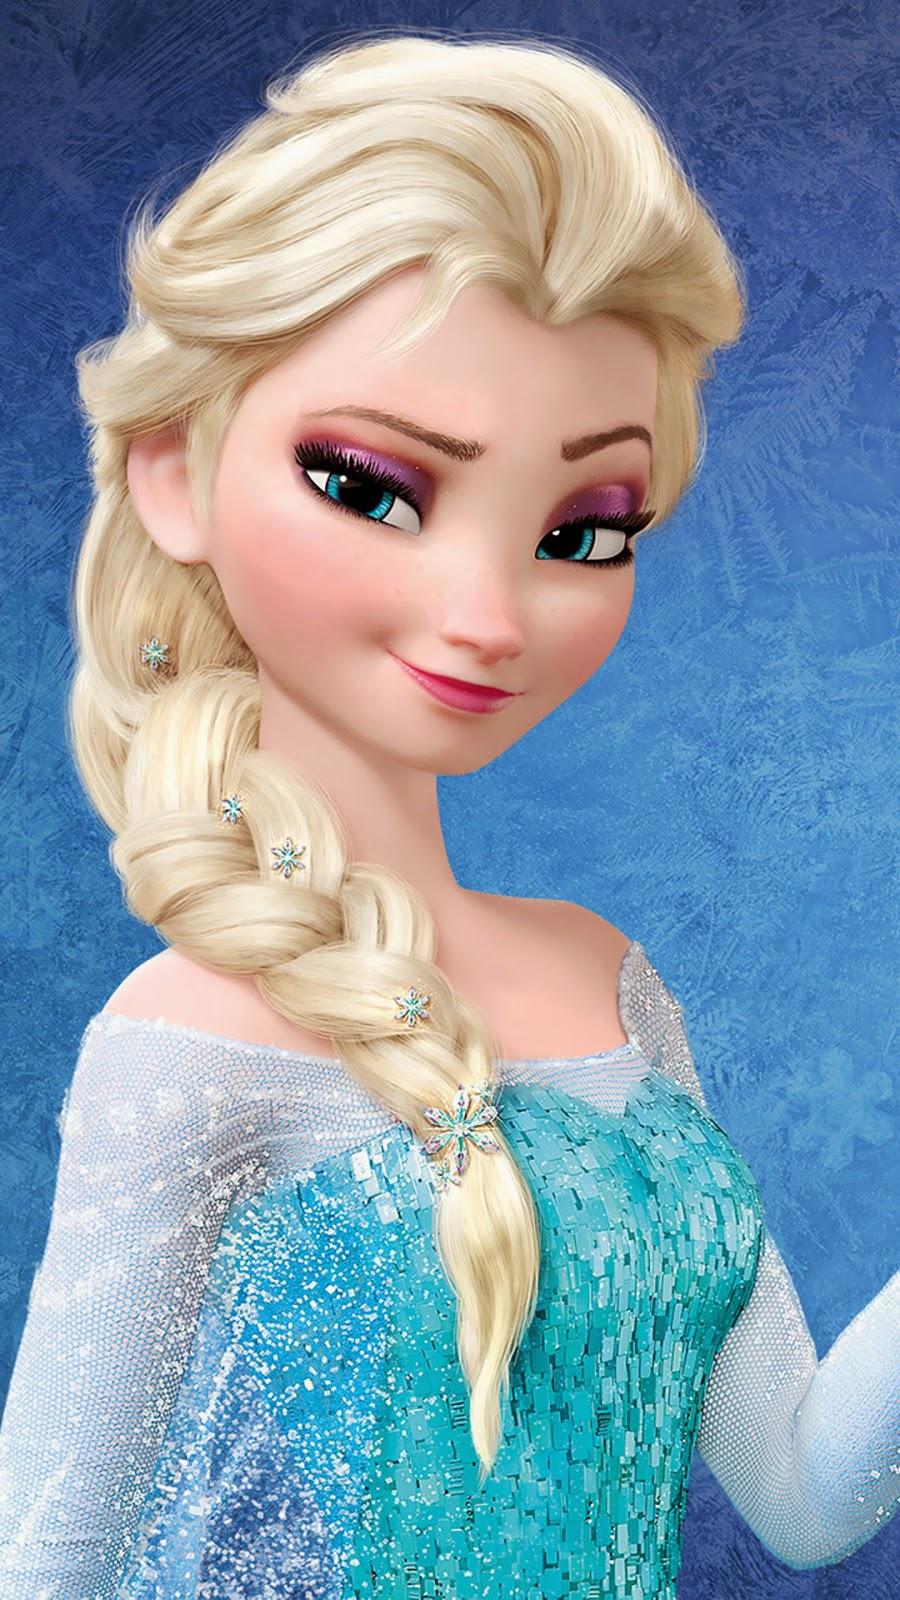 wajah sebenar elsa frozen di alam nyata 14 gambar tidakkalah